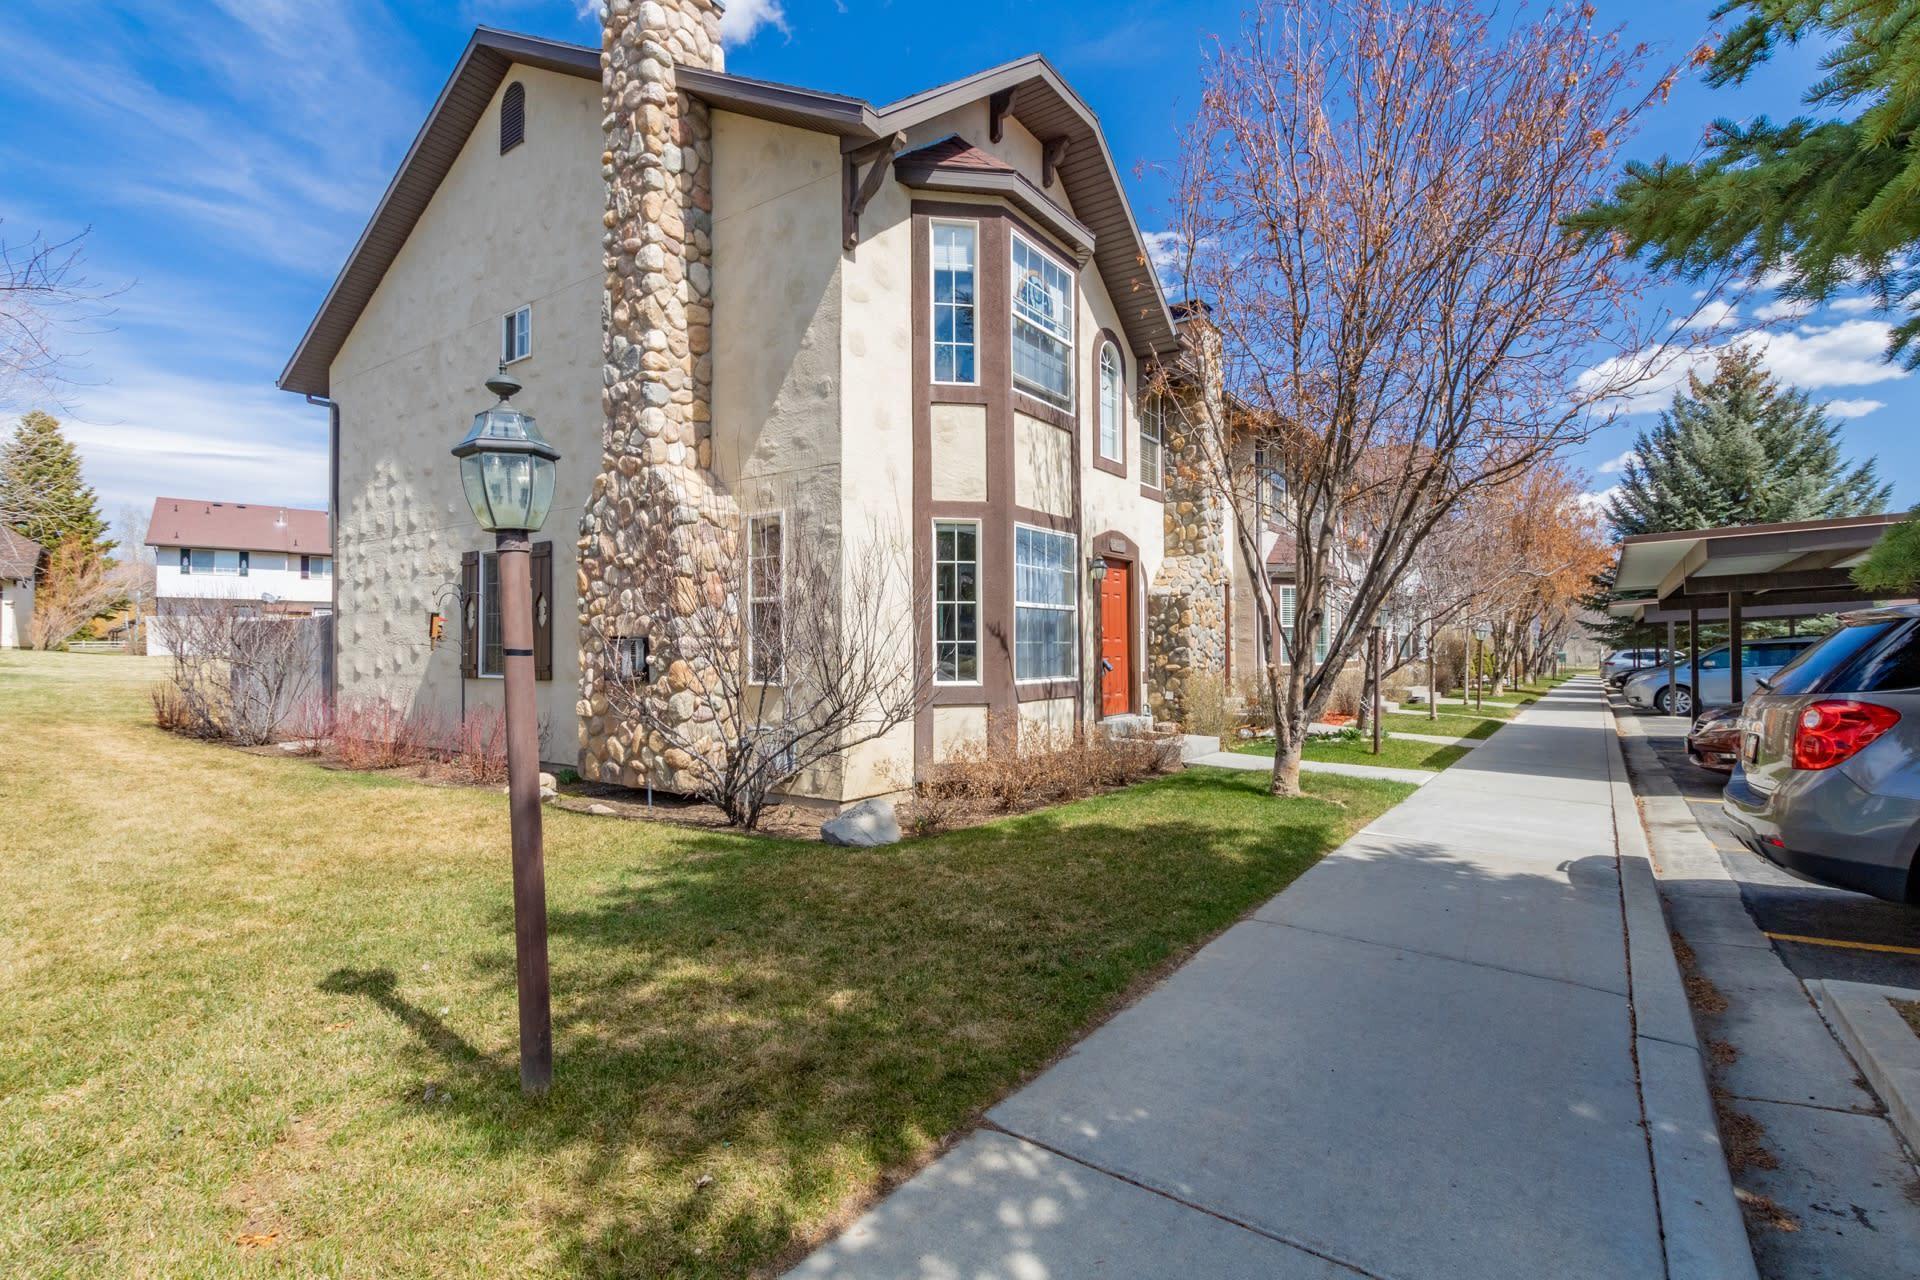 851 Zurich Lane, Midway, Utah 84049, 3 Bedrooms Bedrooms, ,2 BathroomsBathrooms,Condominium,For Sale,Zurich,12101430